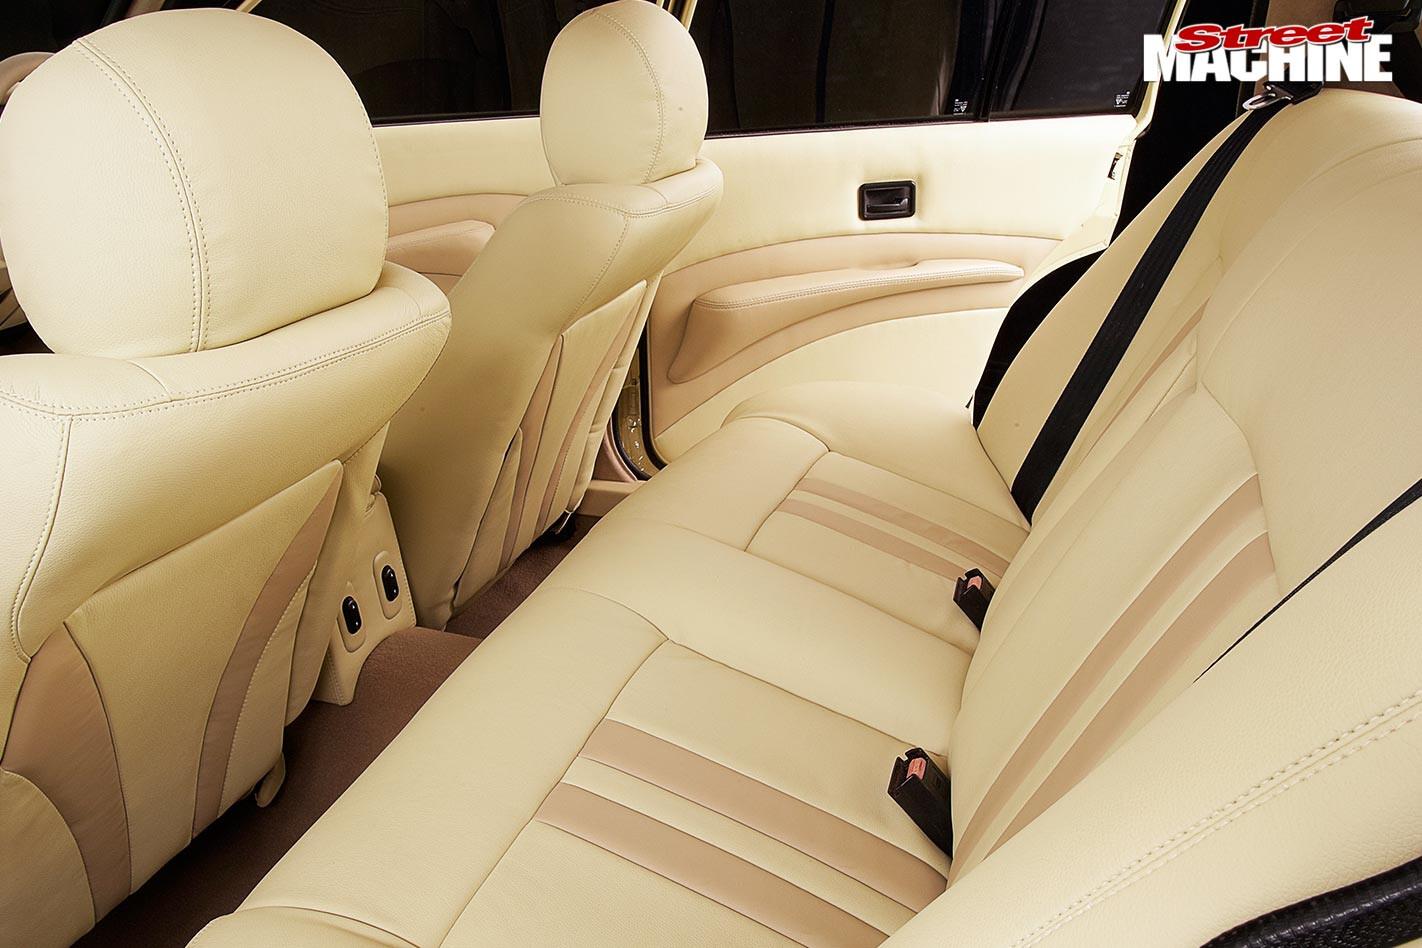 Holden Commodore VH interior rear